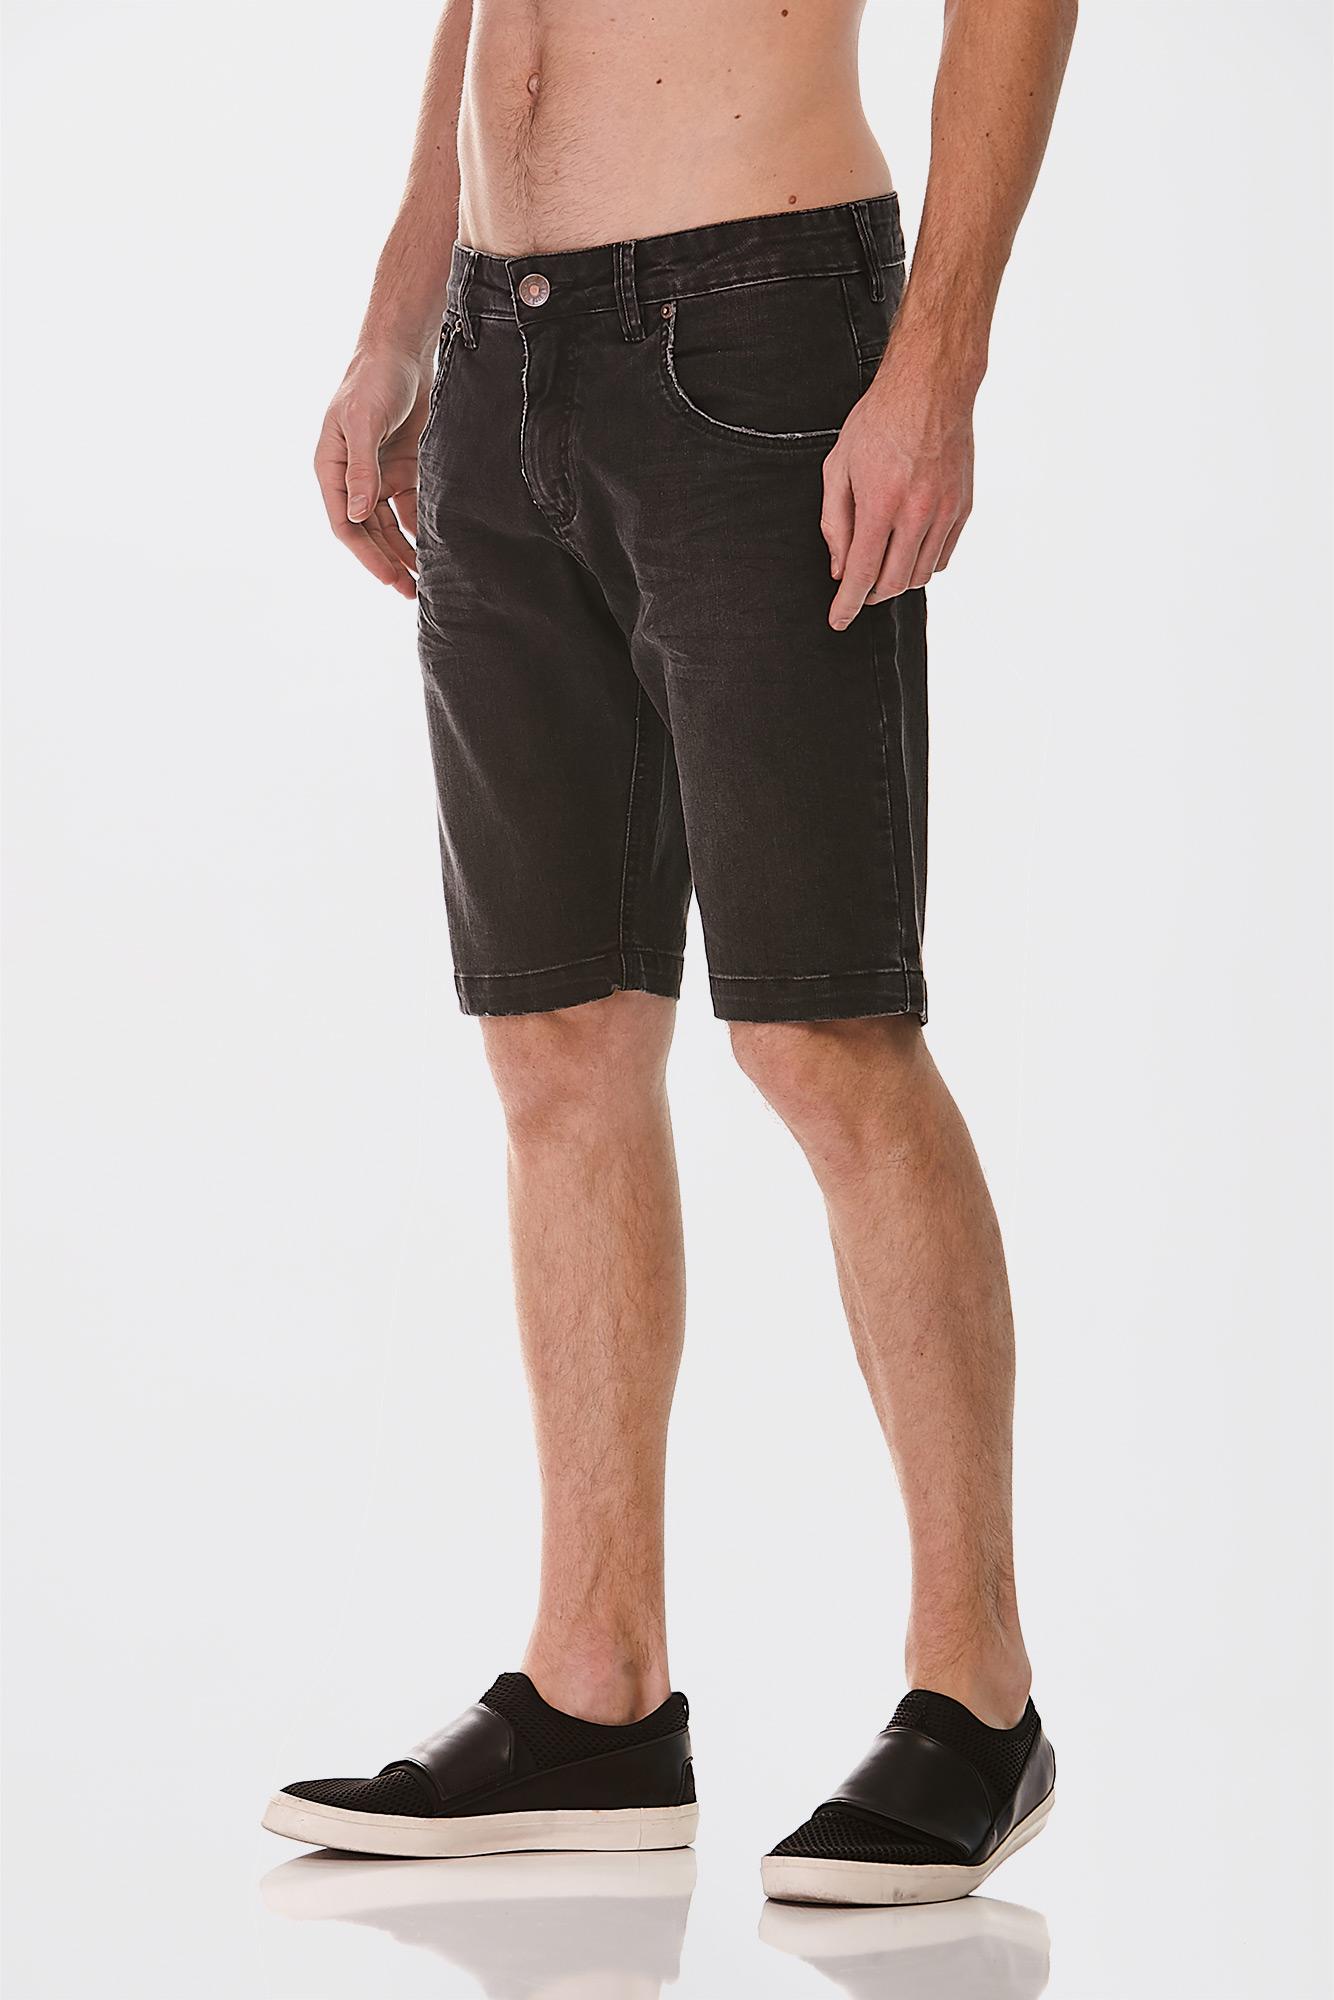 Bermuda Jeans Black